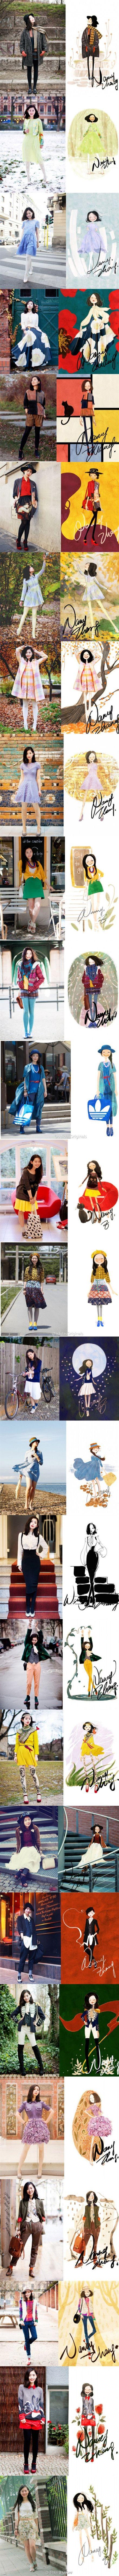 NANCY ZHANG 将插画照进现实的女子。